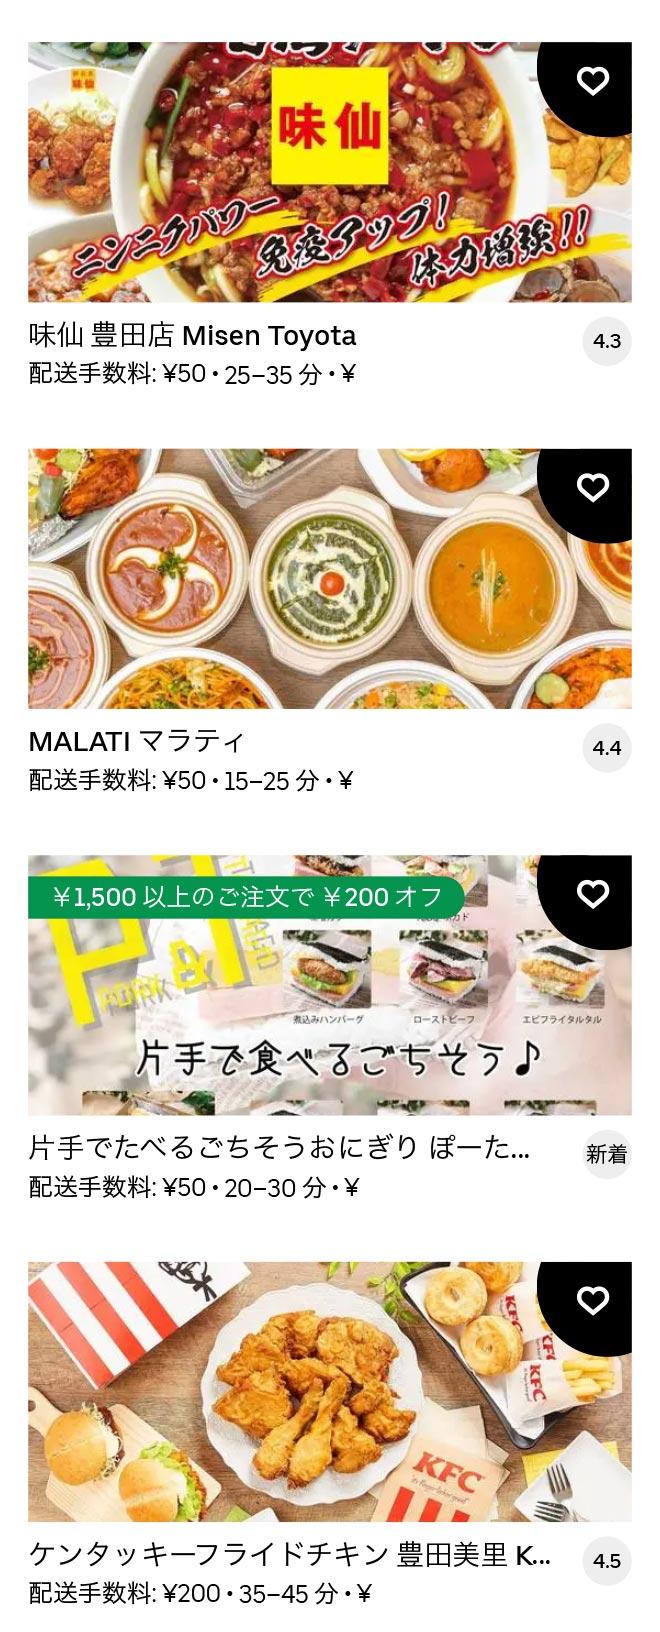 Toyotashi menu 2012 11